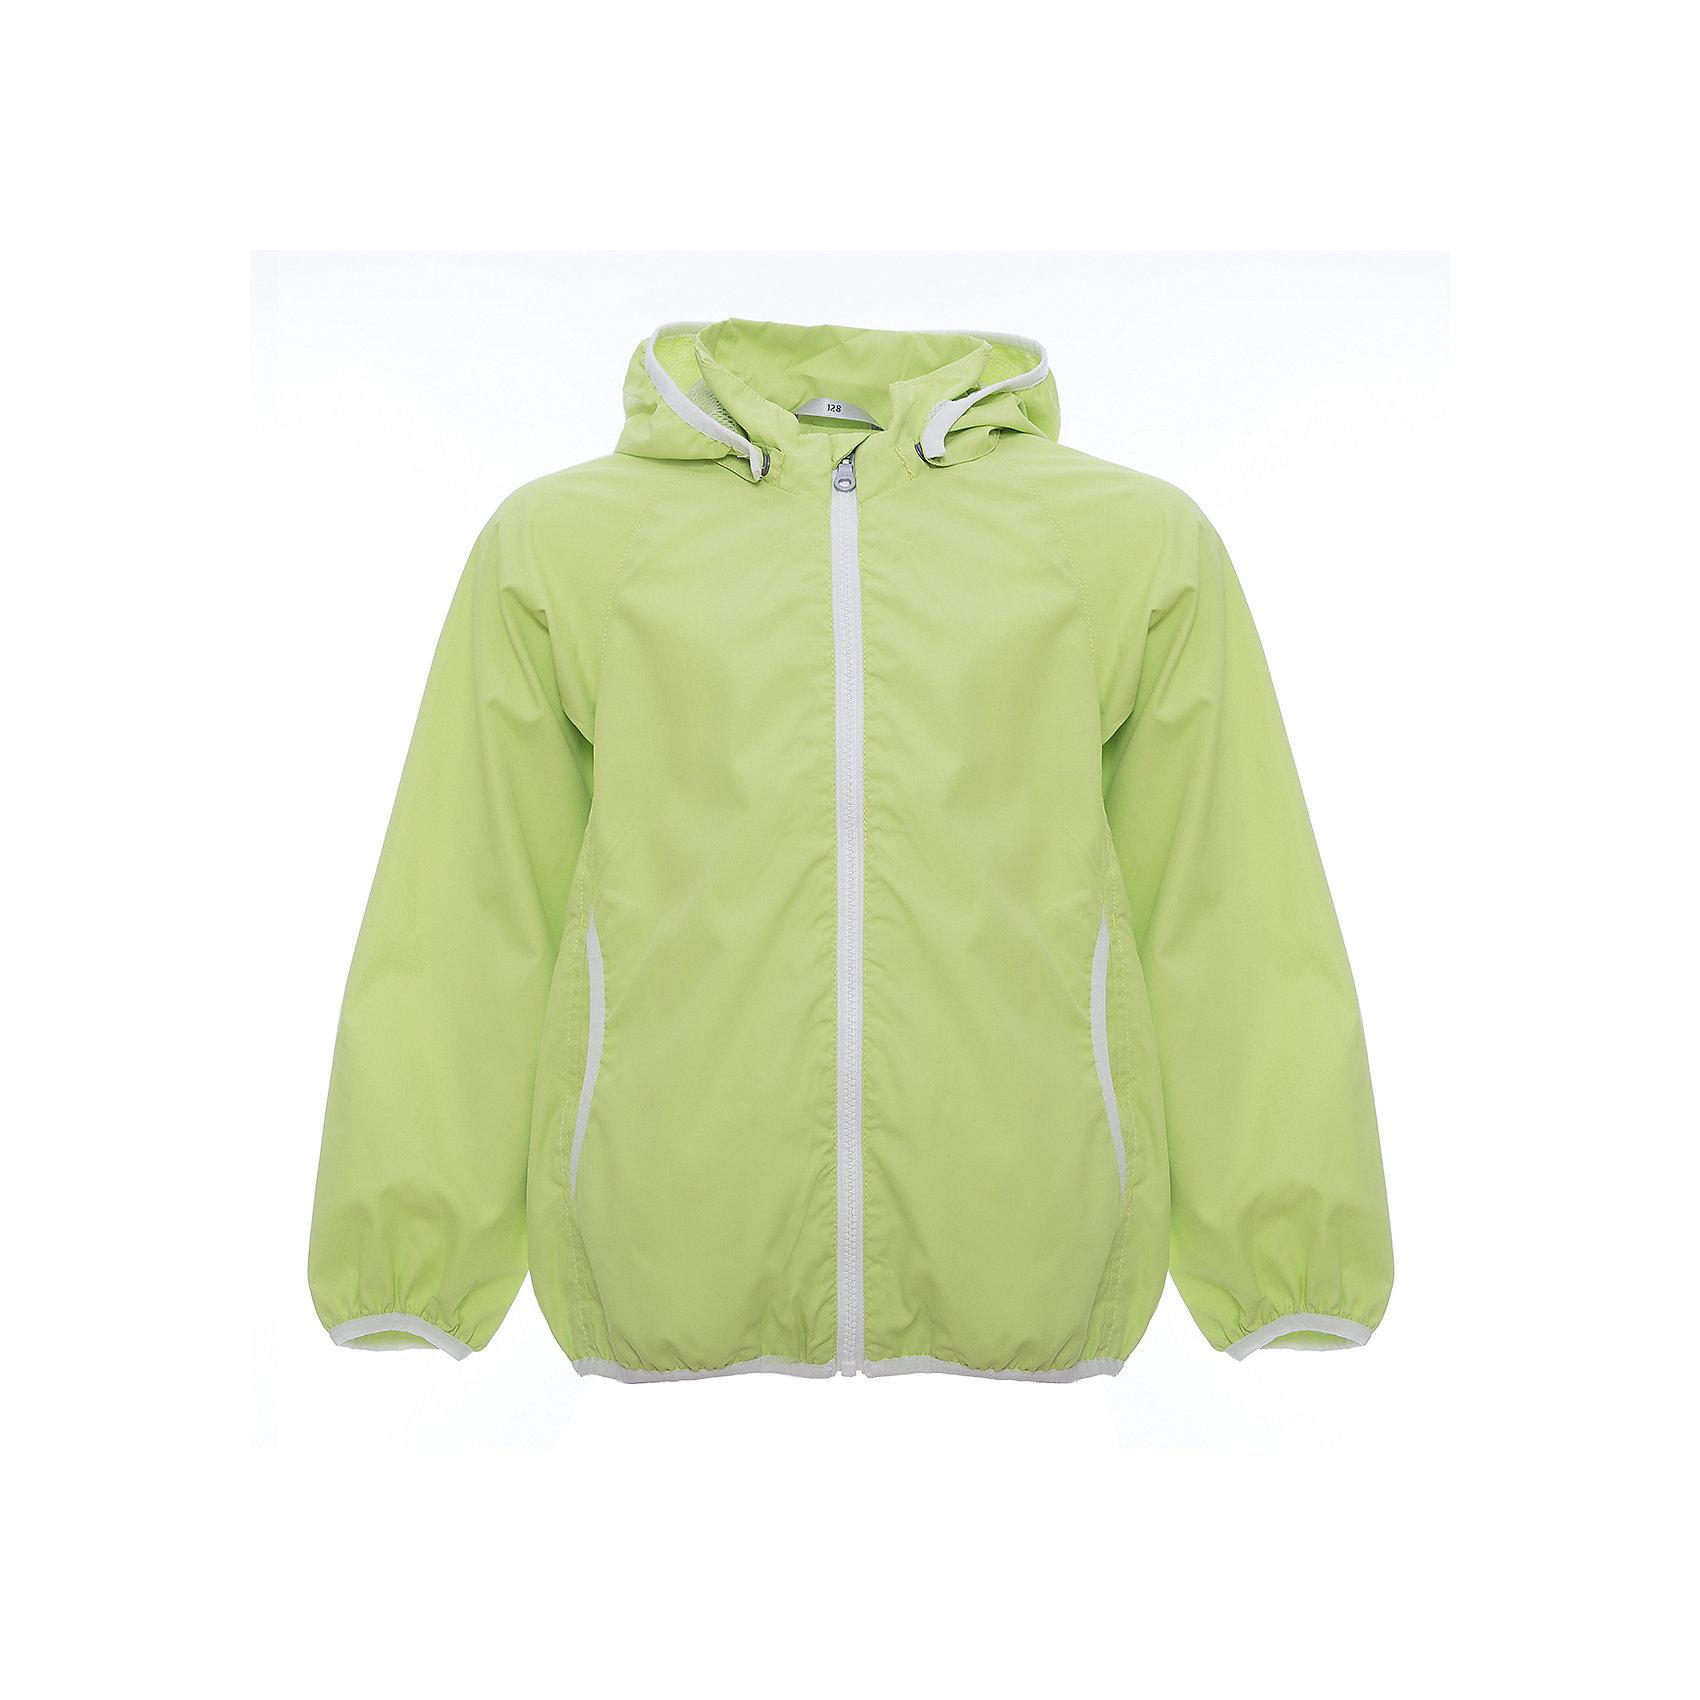 Куртка LASSIEОдежда<br>Куртка LASSIE (Ласси), салатовый от известного финского производителя  детской одежды Reima. Демисезонная куртка выполнена из полиэстера, который обладает высокой износоустойчивостью, воздухопроницаемыми, водооталкивающими и грязеотталкивающими свойствами. Изделие устойчиво к изменению формы и цвета даже при длительном использовании. Куртка имеет классическую форму: прямой силуэт с чуть присборенным эластичным кантом низом, кант повторяется на рукавах и капюшоне, воротник-стойка, застежка-молния с защитой у подбородка и 2 боковых прорезных кармана. Куртка имеет полиуретановое покрытие, что делает ее непромокаемой даже в дождливую погоду. Куртка идеально подходит для весенних и осенних прогулок.<br><br>Дополнительная информация:<br><br>- Предназначение: повседневная одежда для прогулок и активного отдыха<br>- Цвет: салатовый<br>- Пол: для девочки<br>- Состав: 100% полиэстер, полиуретановое покрытие<br>- Сезон: весна-осень (демисезонная)<br>- Особенности ухода: стирать изделие, предварительно вывернув его на левую сторону, не использовать отбеливающие вещества<br><br>Подробнее:<br><br>• Для детей в возрасте: от 3 лет и до 4 лет<br>• Страна производитель: Китай<br>• Торговый бренд: Reima, Финляндия<br><br>Куртку LASSIE (Ласси), салатовый можно купить в нашем интернет-магазине.<br><br>Ширина мм: 356<br>Глубина мм: 10<br>Высота мм: 245<br>Вес г: 519<br>Цвет: желтый<br>Возраст от месяцев: 48<br>Возраст до месяцев: 60<br>Пол: Унисекс<br>Возраст: Детский<br>Размер: 110,104,134,128,122,116,98,92<br>SKU: 4654057